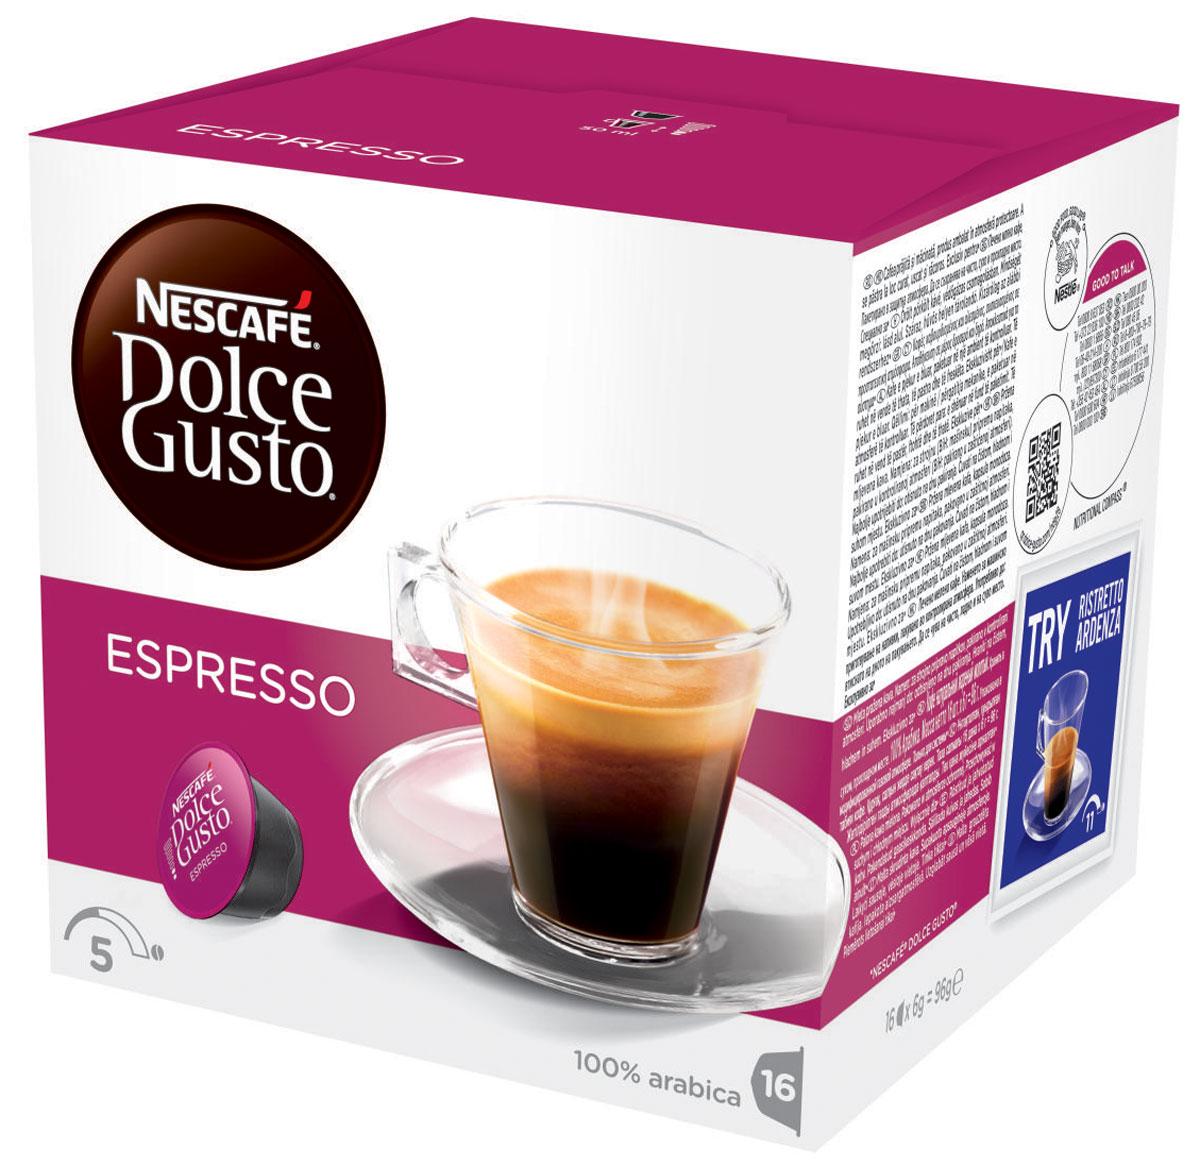 Nescafe Dolce Gusto Espresso кофе в капсулах, 16 шт5219839Крепкий аромат и насыщенный вкус кофе с бархатистой пенкой – изумительное впечатление от Эспрессо. Кофе в капсулах Nescafe Dolce Gusto Espresso – это самый классический вкус. Идеальный напиток для любого времени суток, будет ли чашечка эспрессо прекрасным дополнением к завтраку или завершением ужина с друзьями.